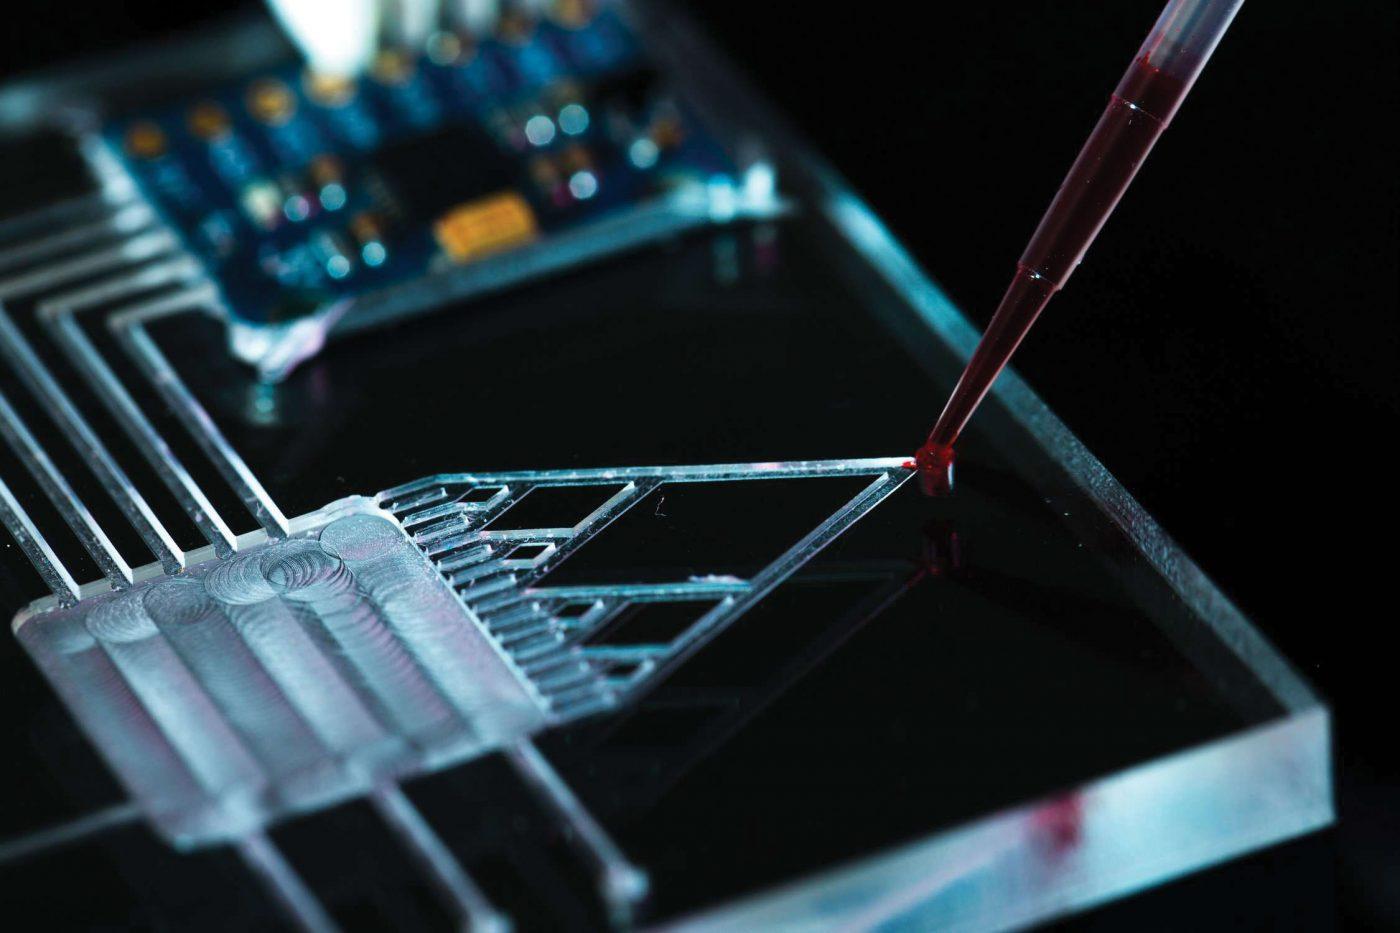 microfluidic coating technology